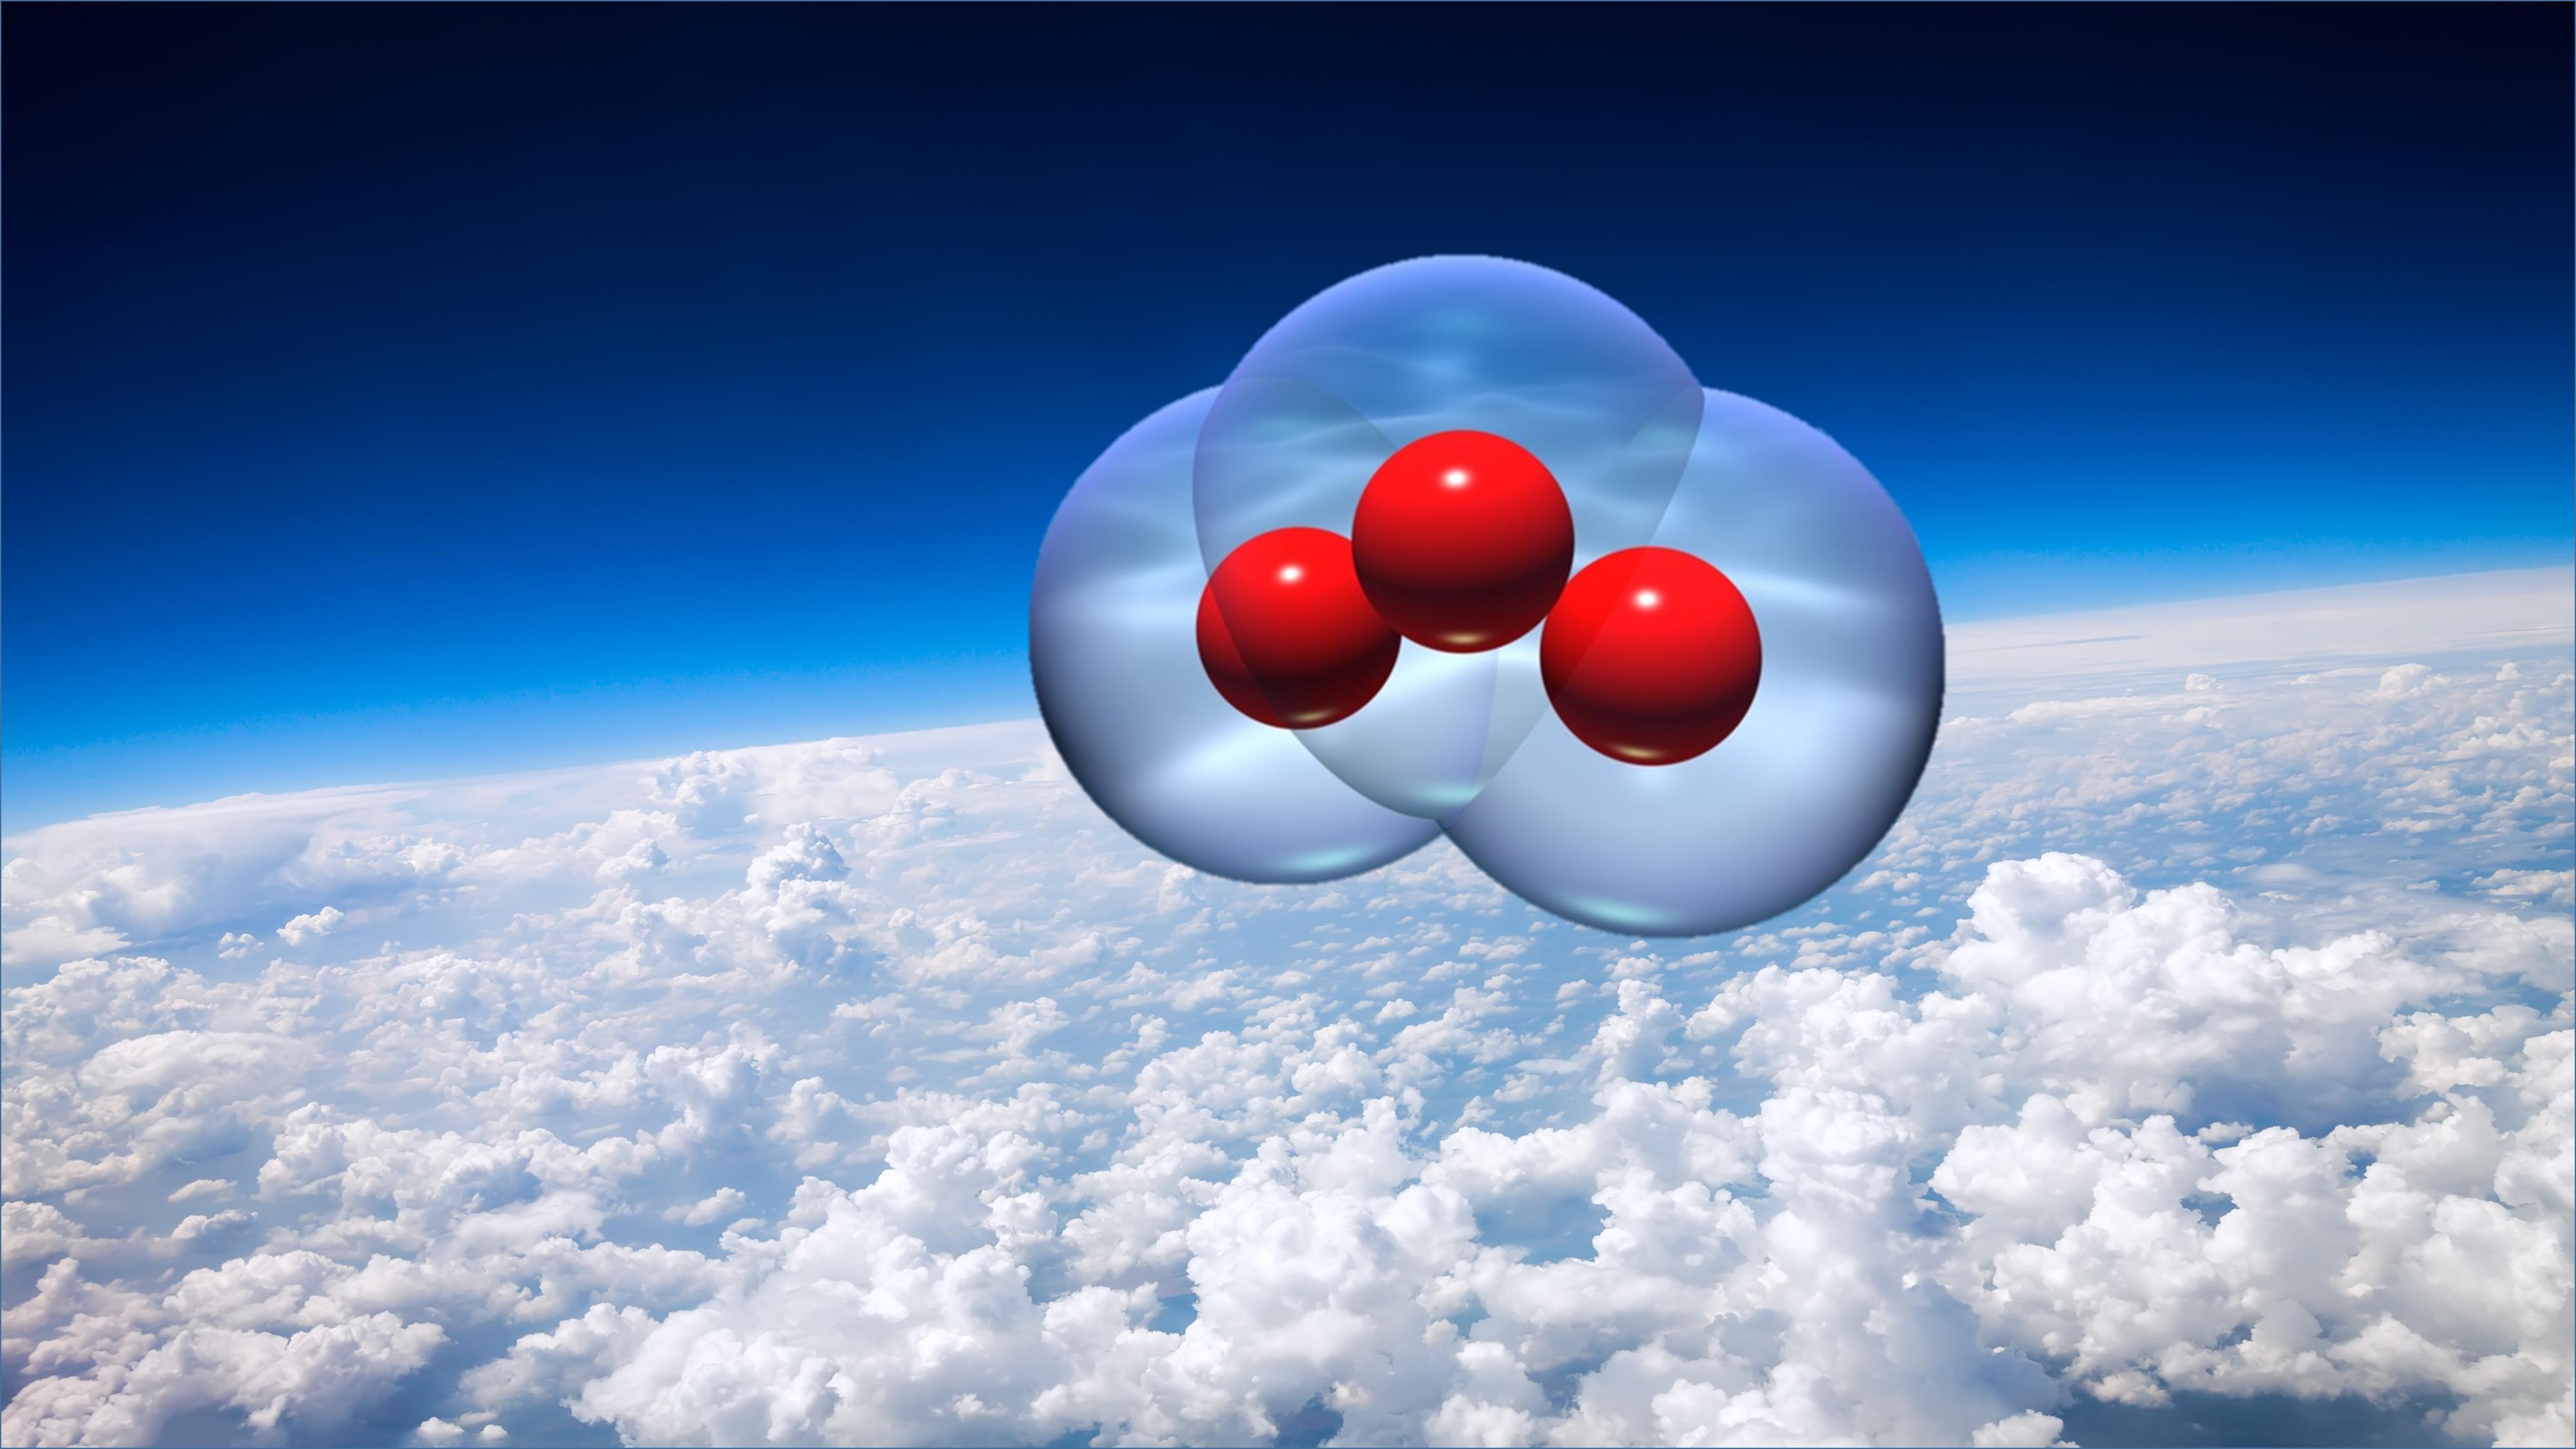 ozone-therapy-nyack-ny-10960